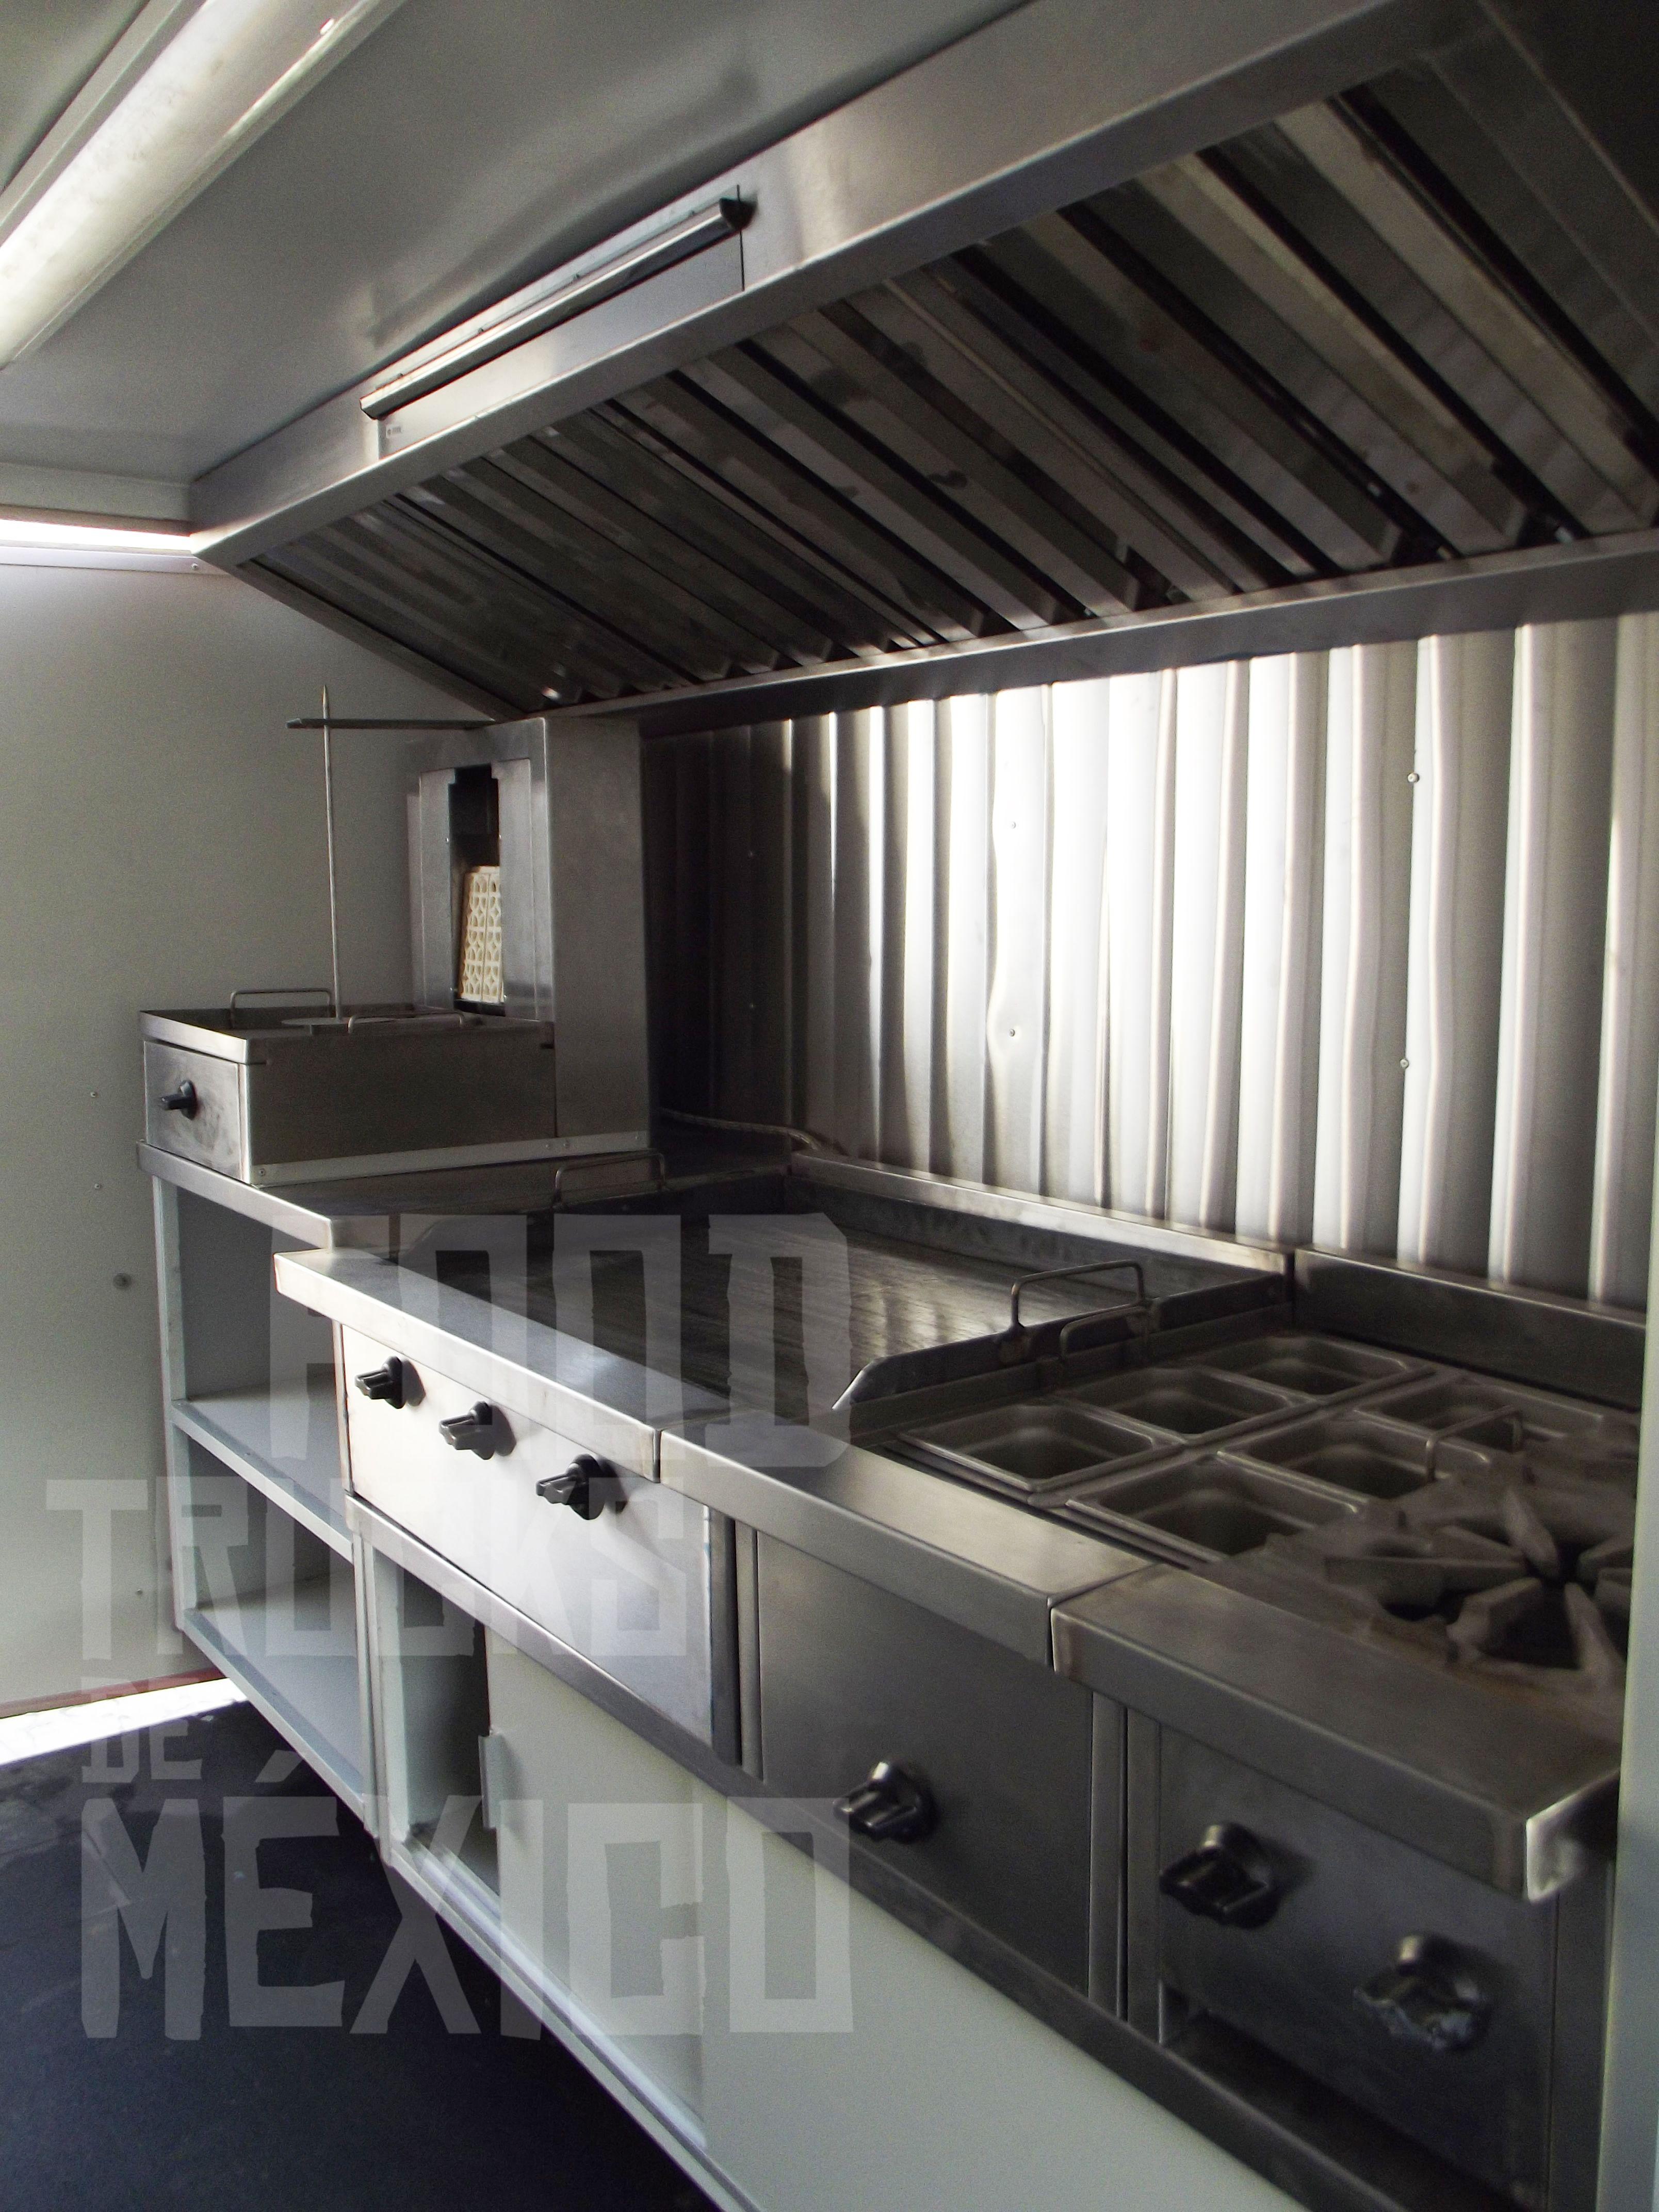 Instalaciones De Gas Con Tanque Y Base Para Tanque Campana De